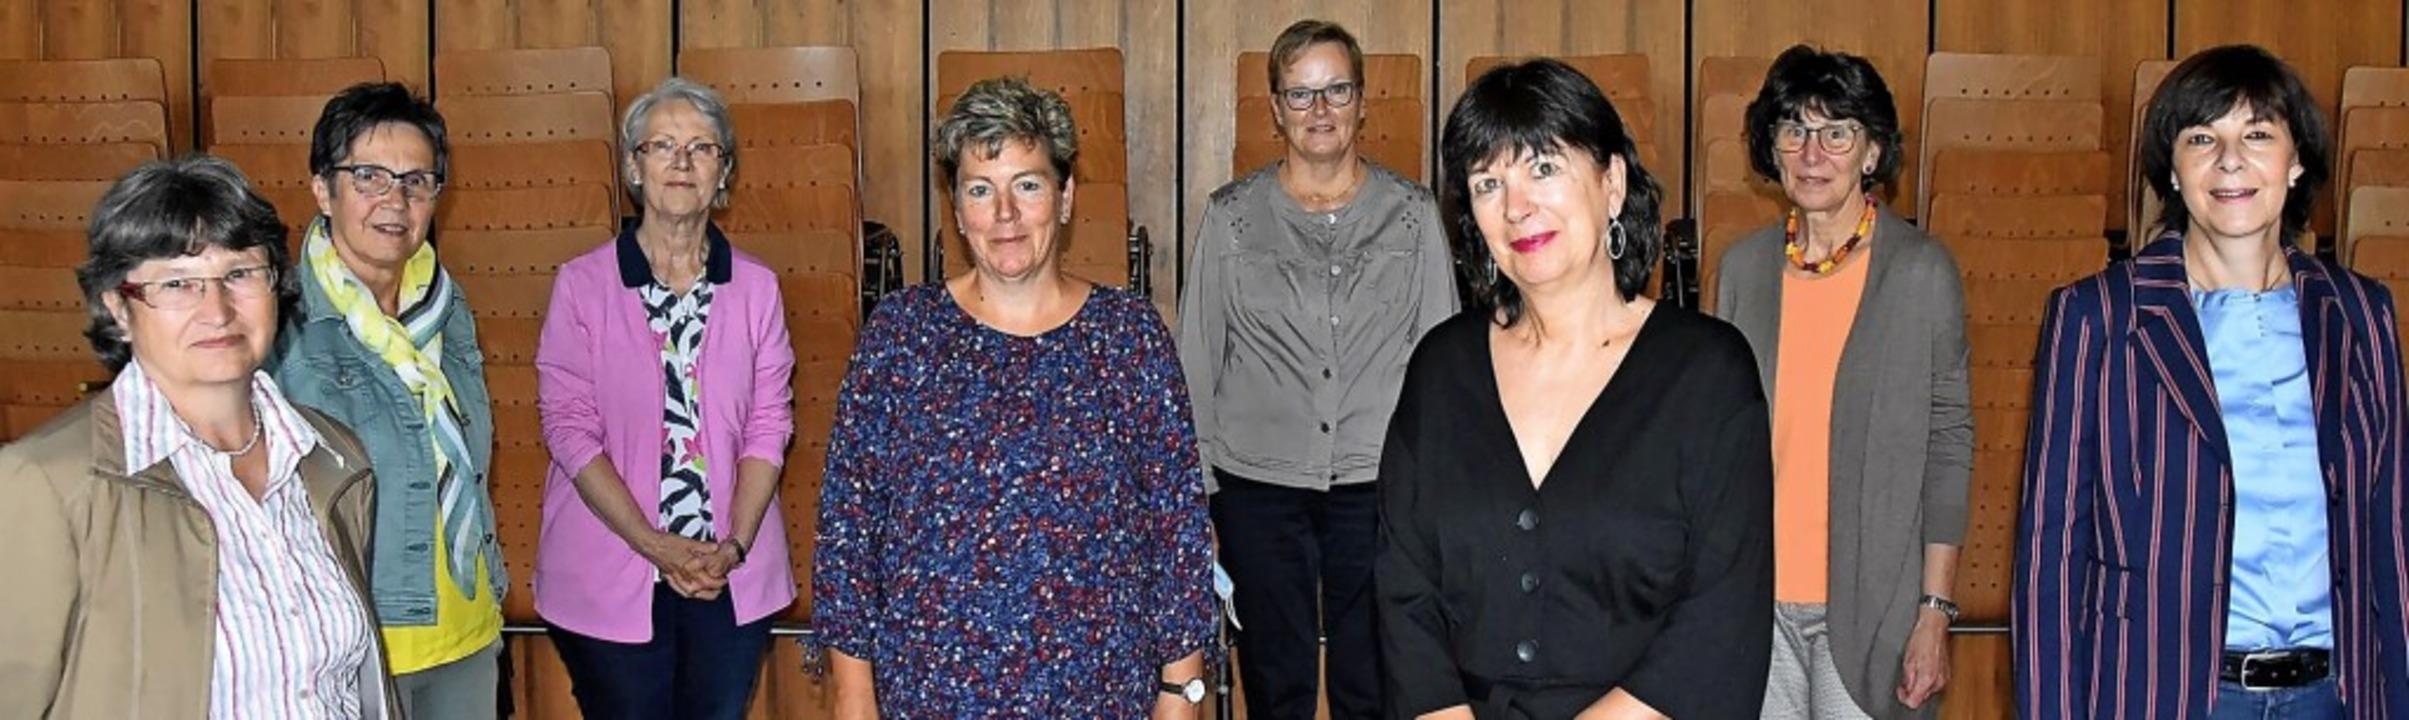 Die Vorstandsmitglieder des Frauenvere...tsche, Marita Viereck und Almut Mutter  | Foto: Heinz und Monika Vollmar